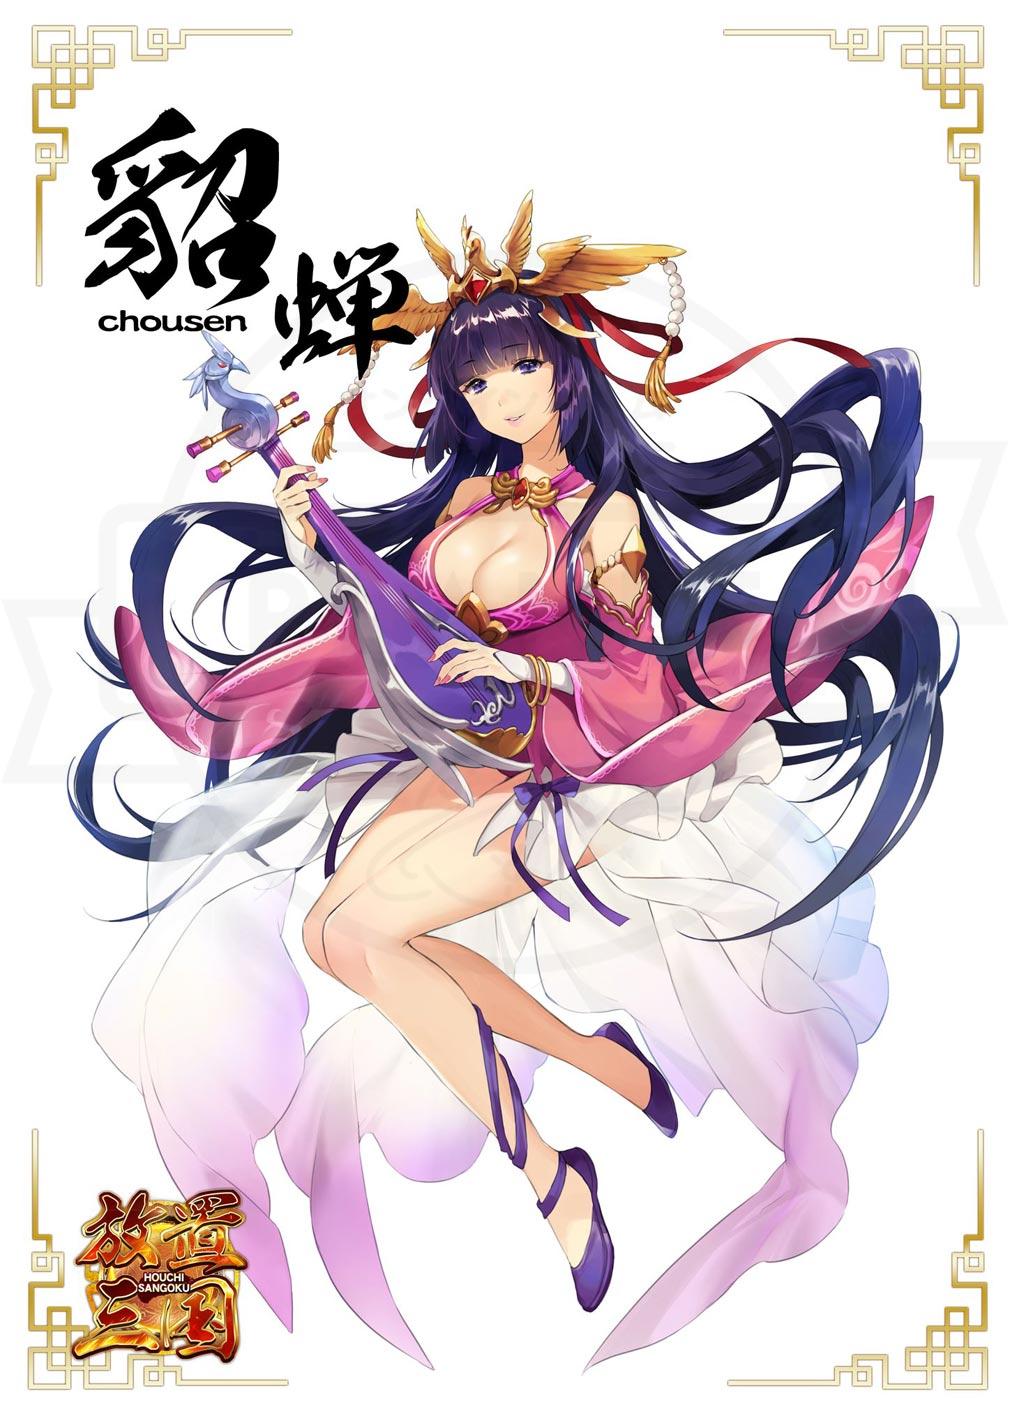 放置三国 キャラクター『貂蝉(ちょうせん)』イメージ